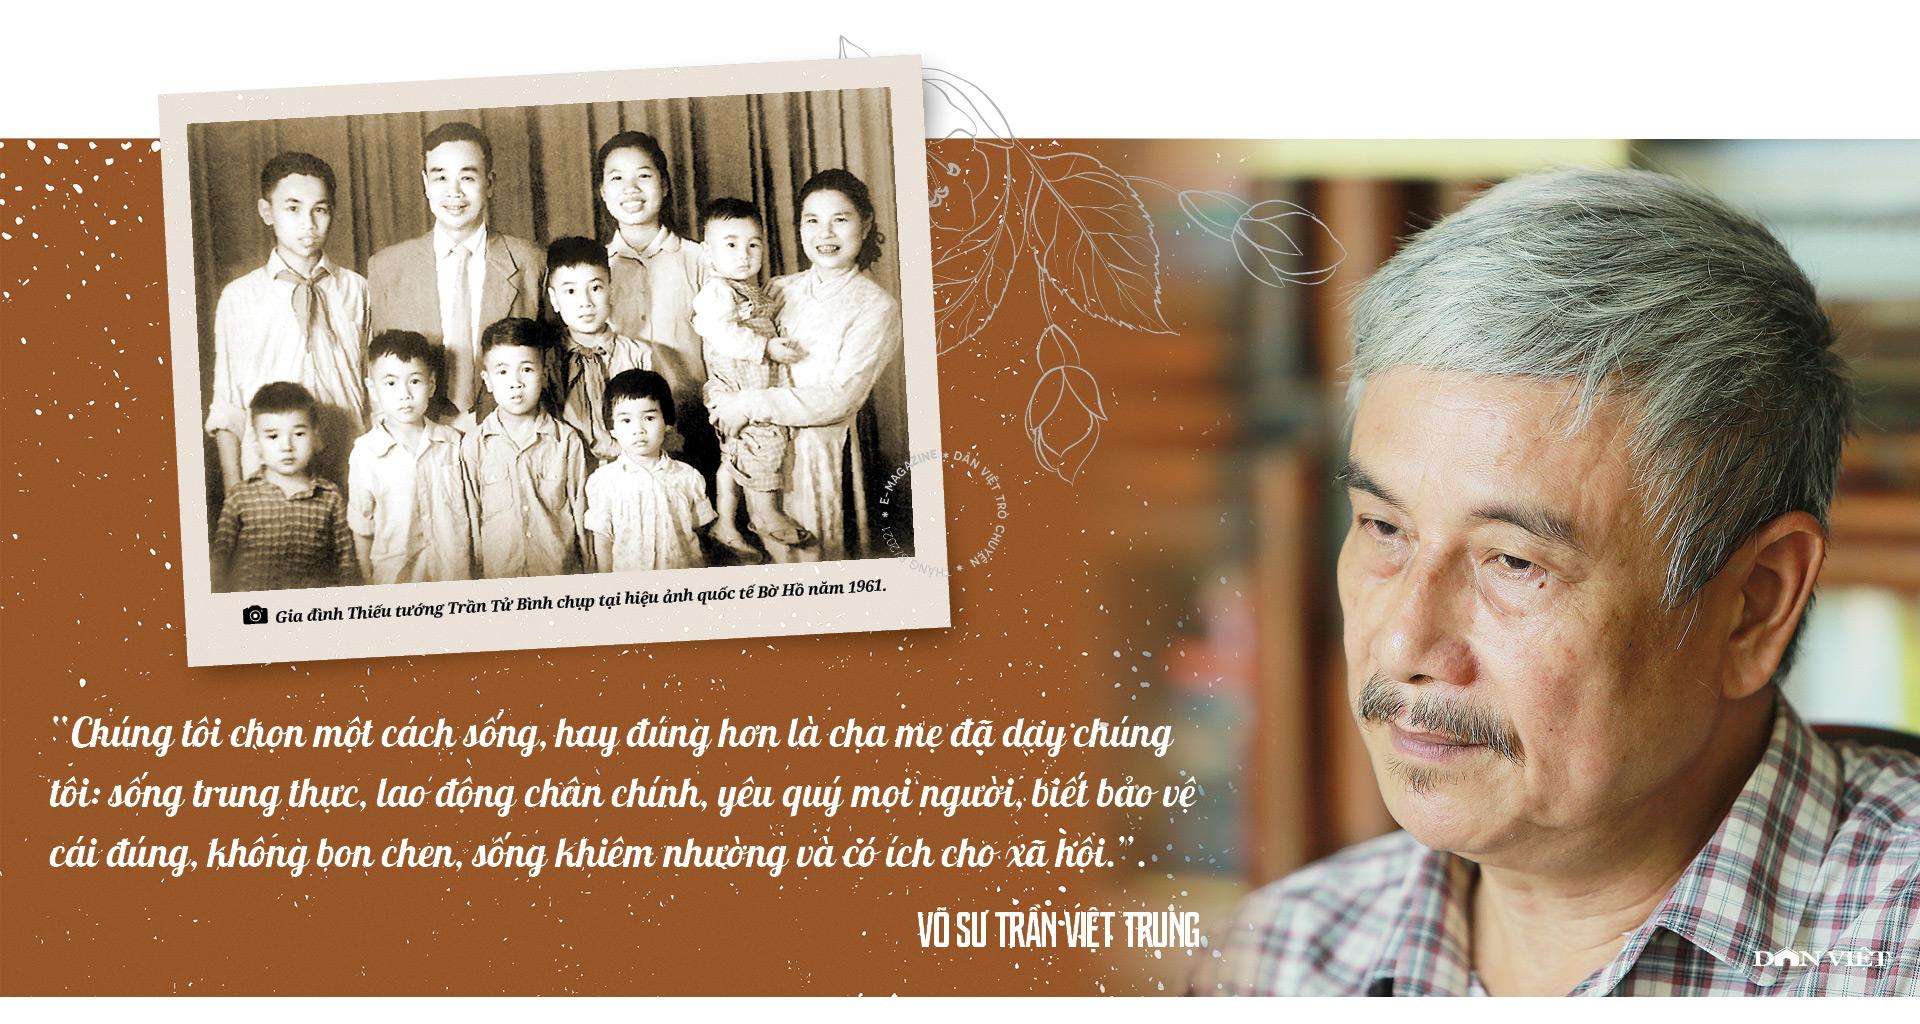 Nhà cách mạng Trần Tử Bình qua lời kể của võ sư Trần Việt Trung: Một cuộc đời như huyền thoại - Ảnh 17.